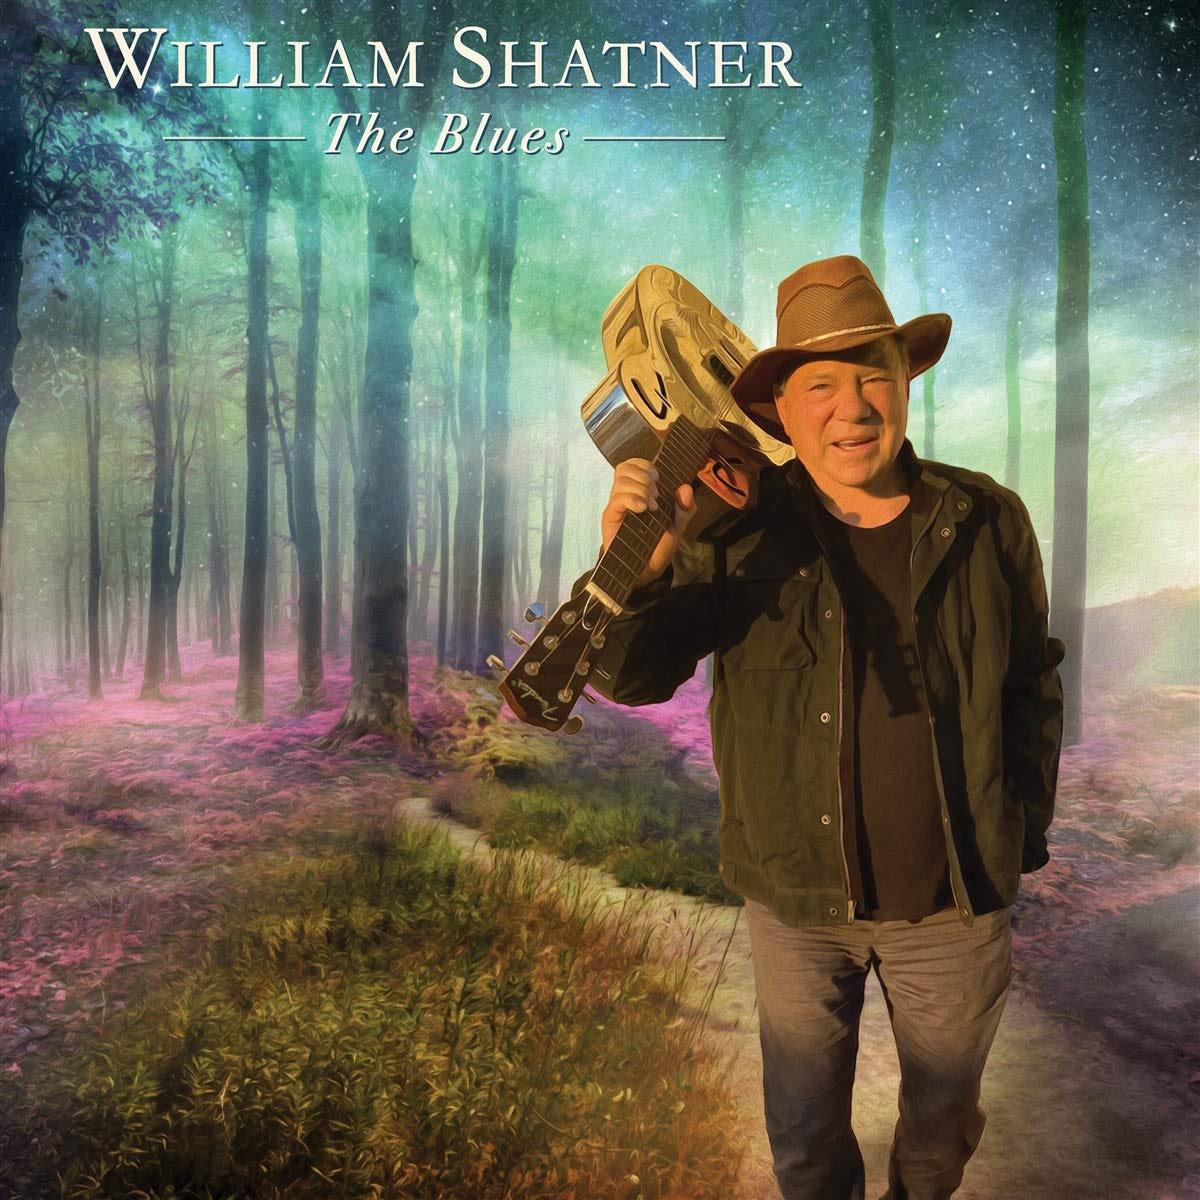 shatner-blues-album